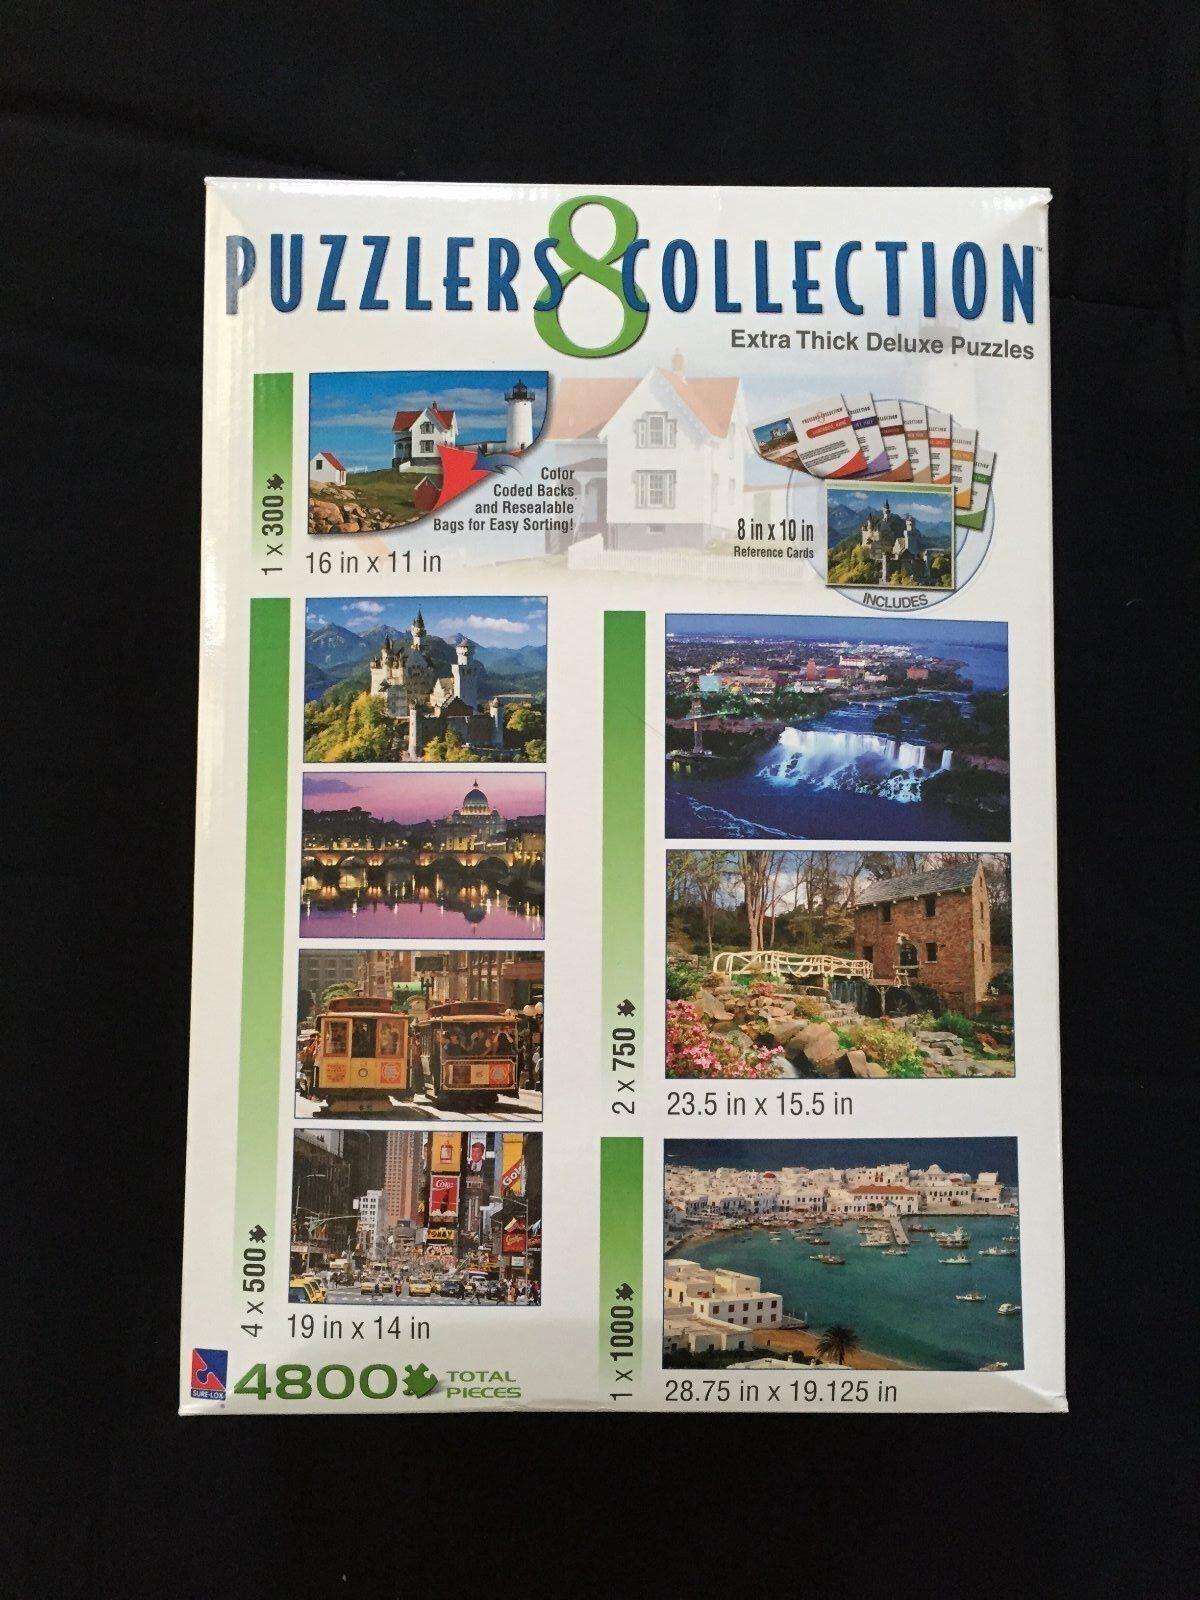 acquistare ora PUZZLERS COLLECTION Jigsaw Puzzles 4800 TOTAL Pieces 8 8 8 SCENIC PcalienteOS Coloreeee Coded  promozioni eccitanti